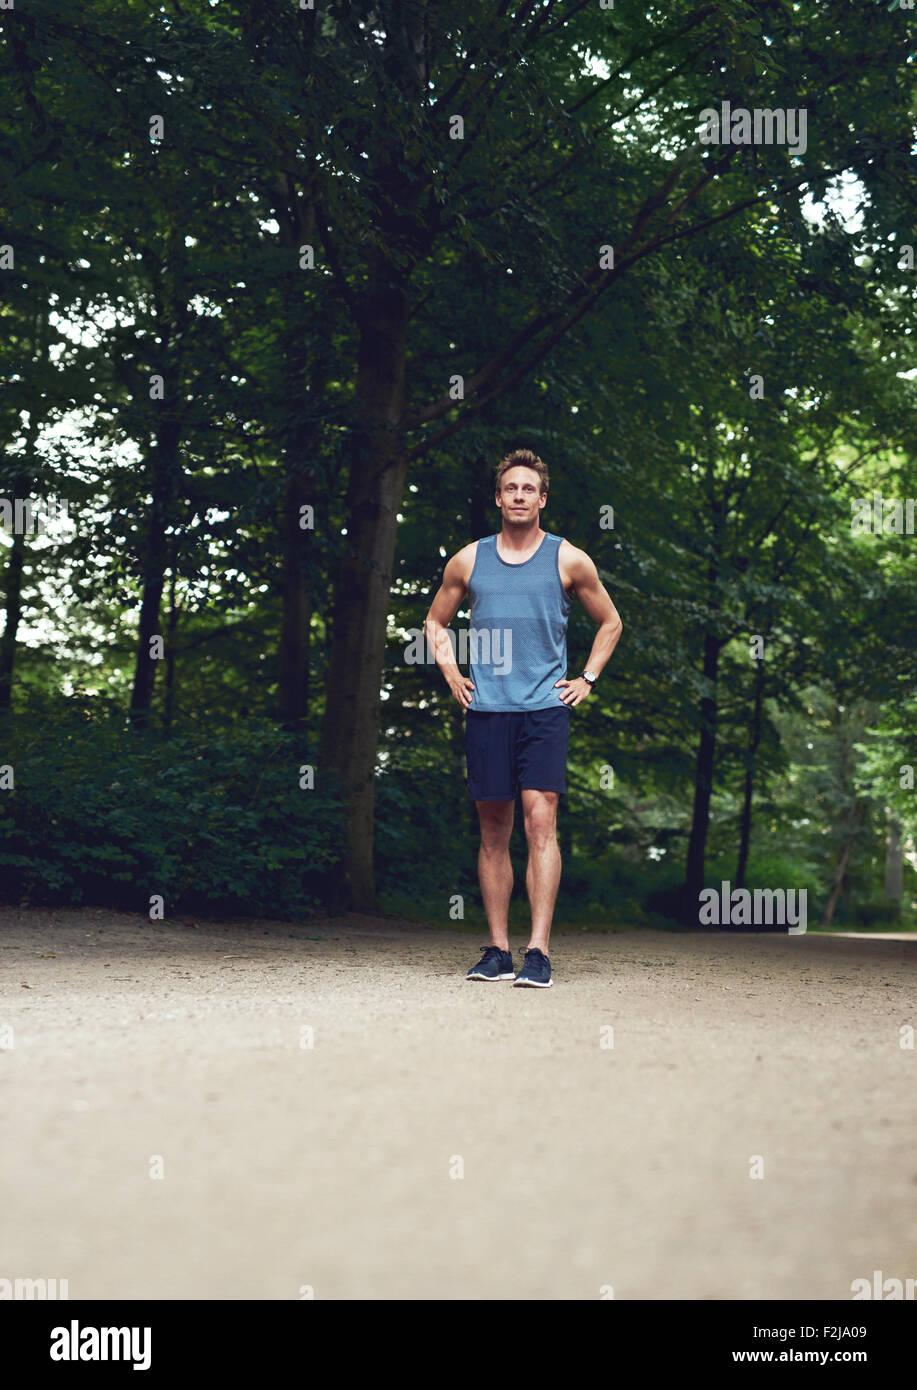 Sportliche junge Mann stehen im Park mit Händen hält seine Taille und suchen in der Ferne. Stockbild